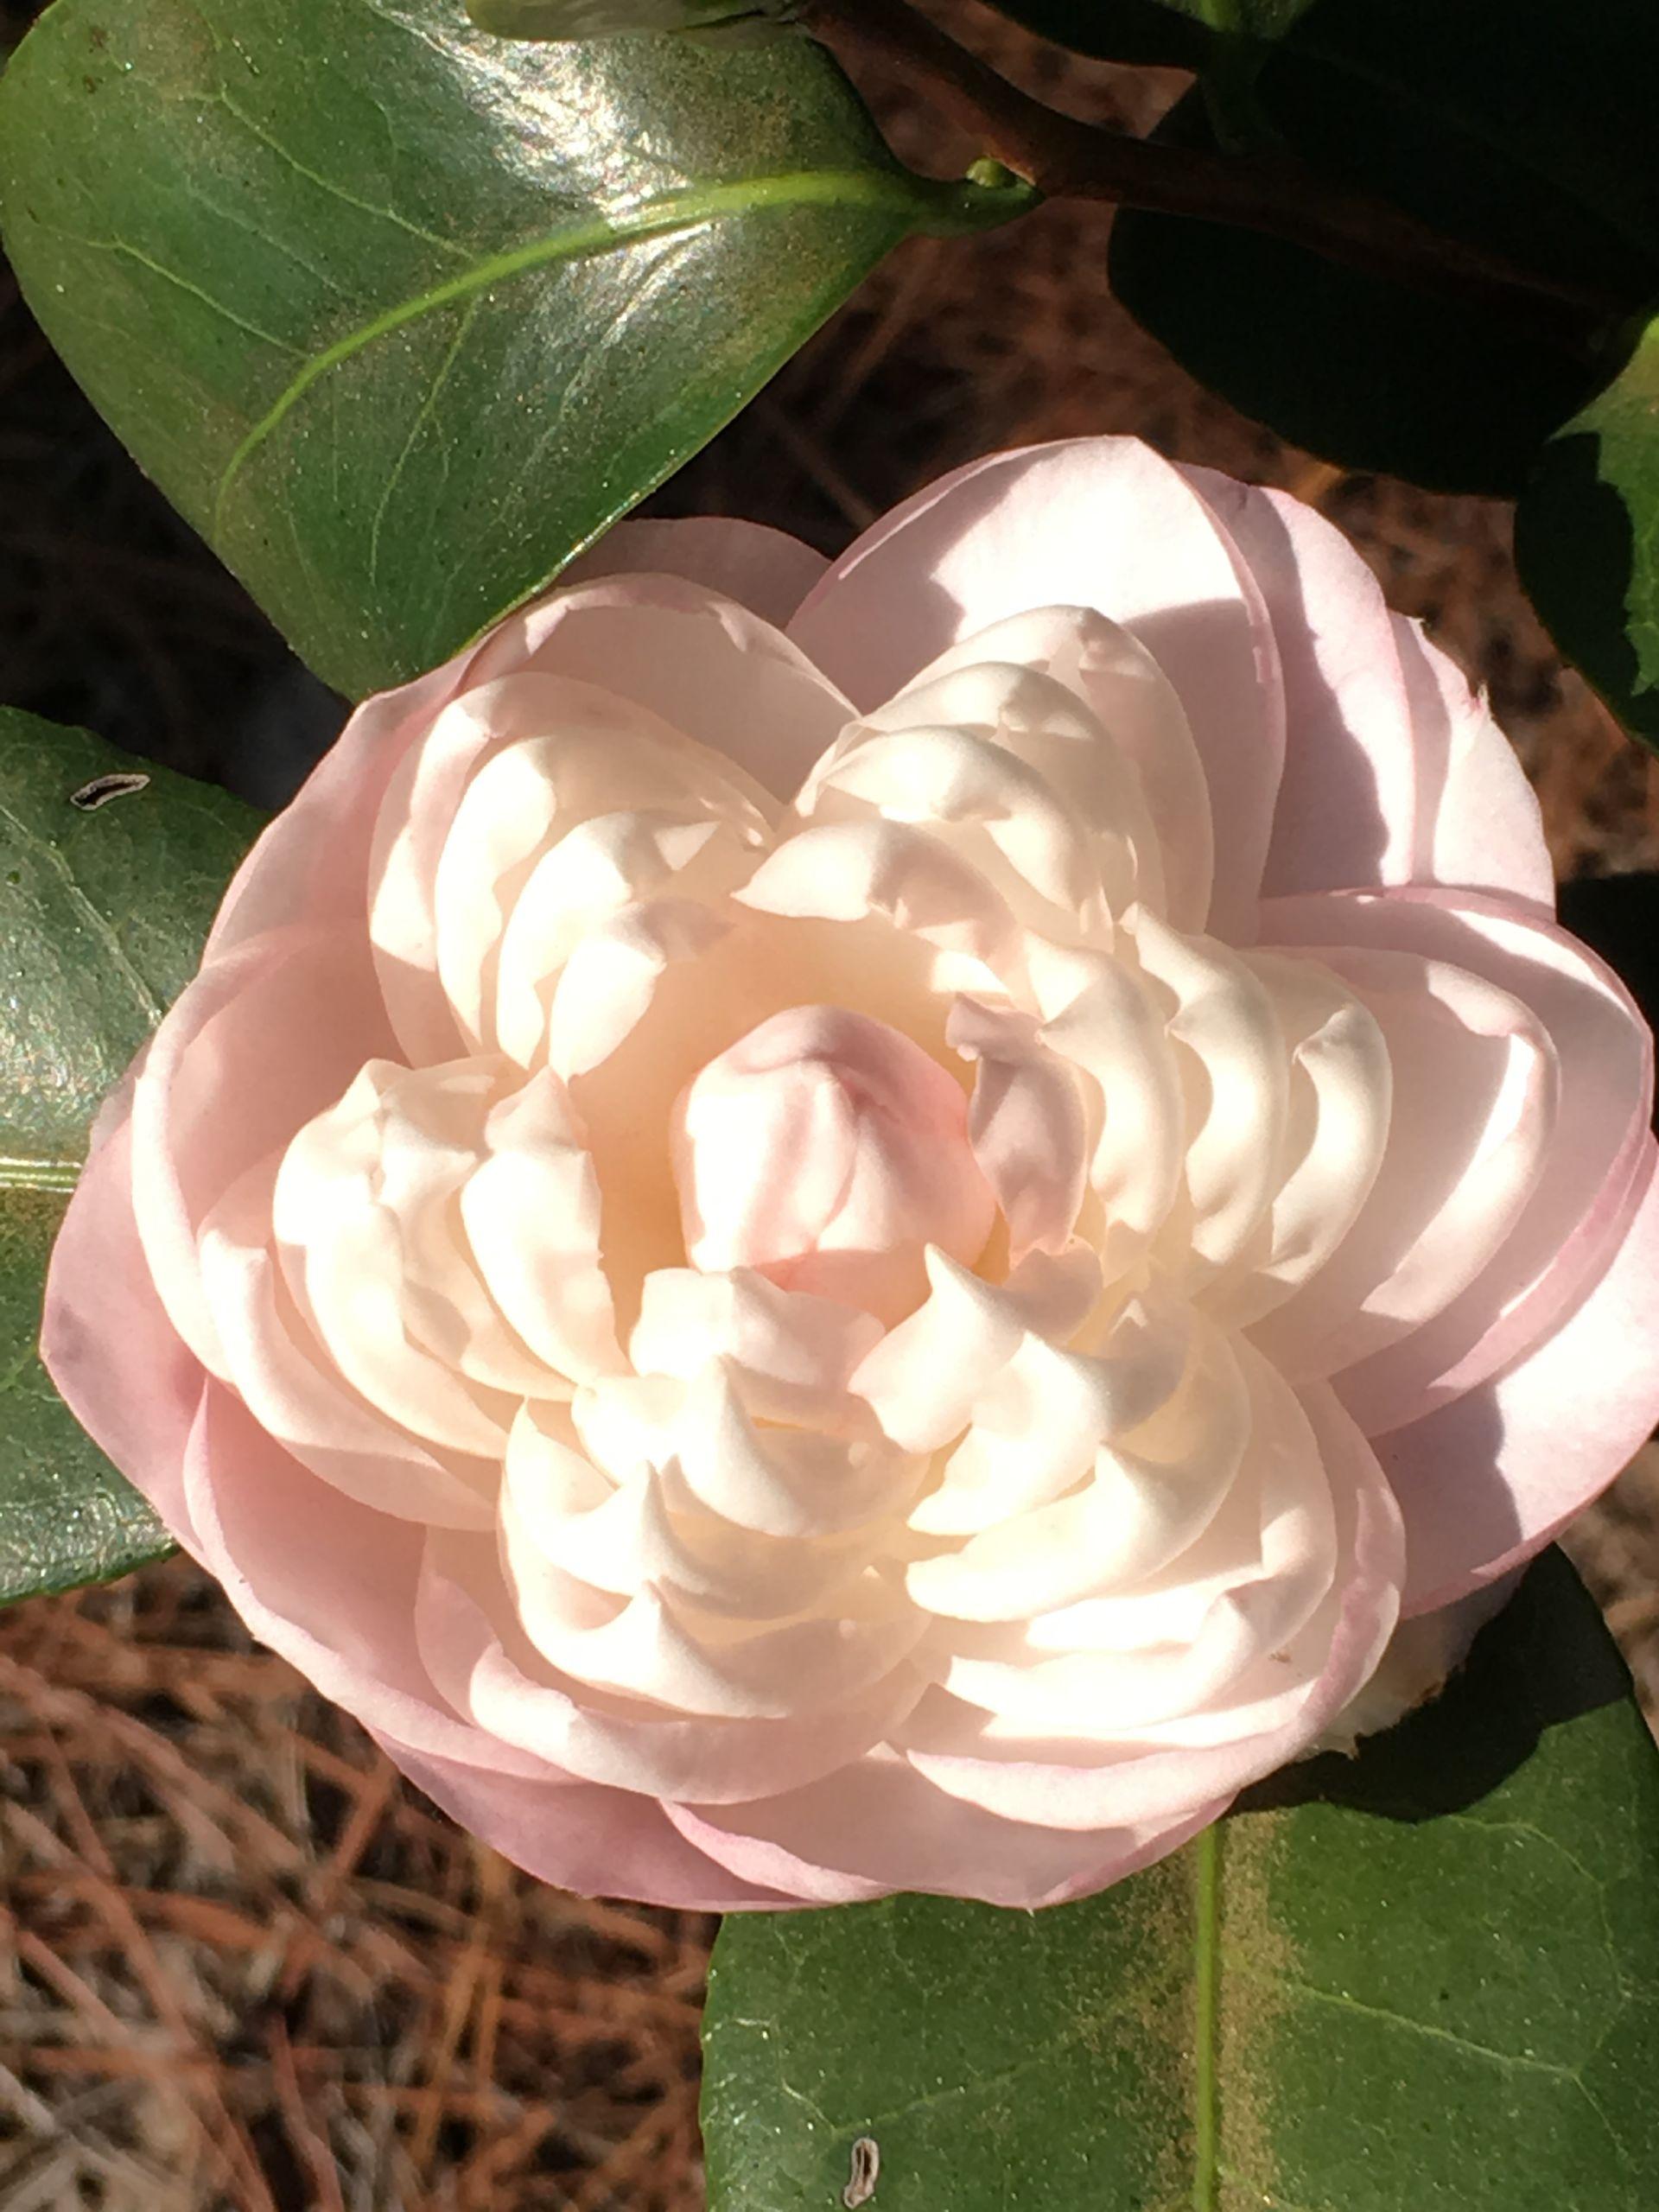 Columbus Botanical Gardens: A Tour